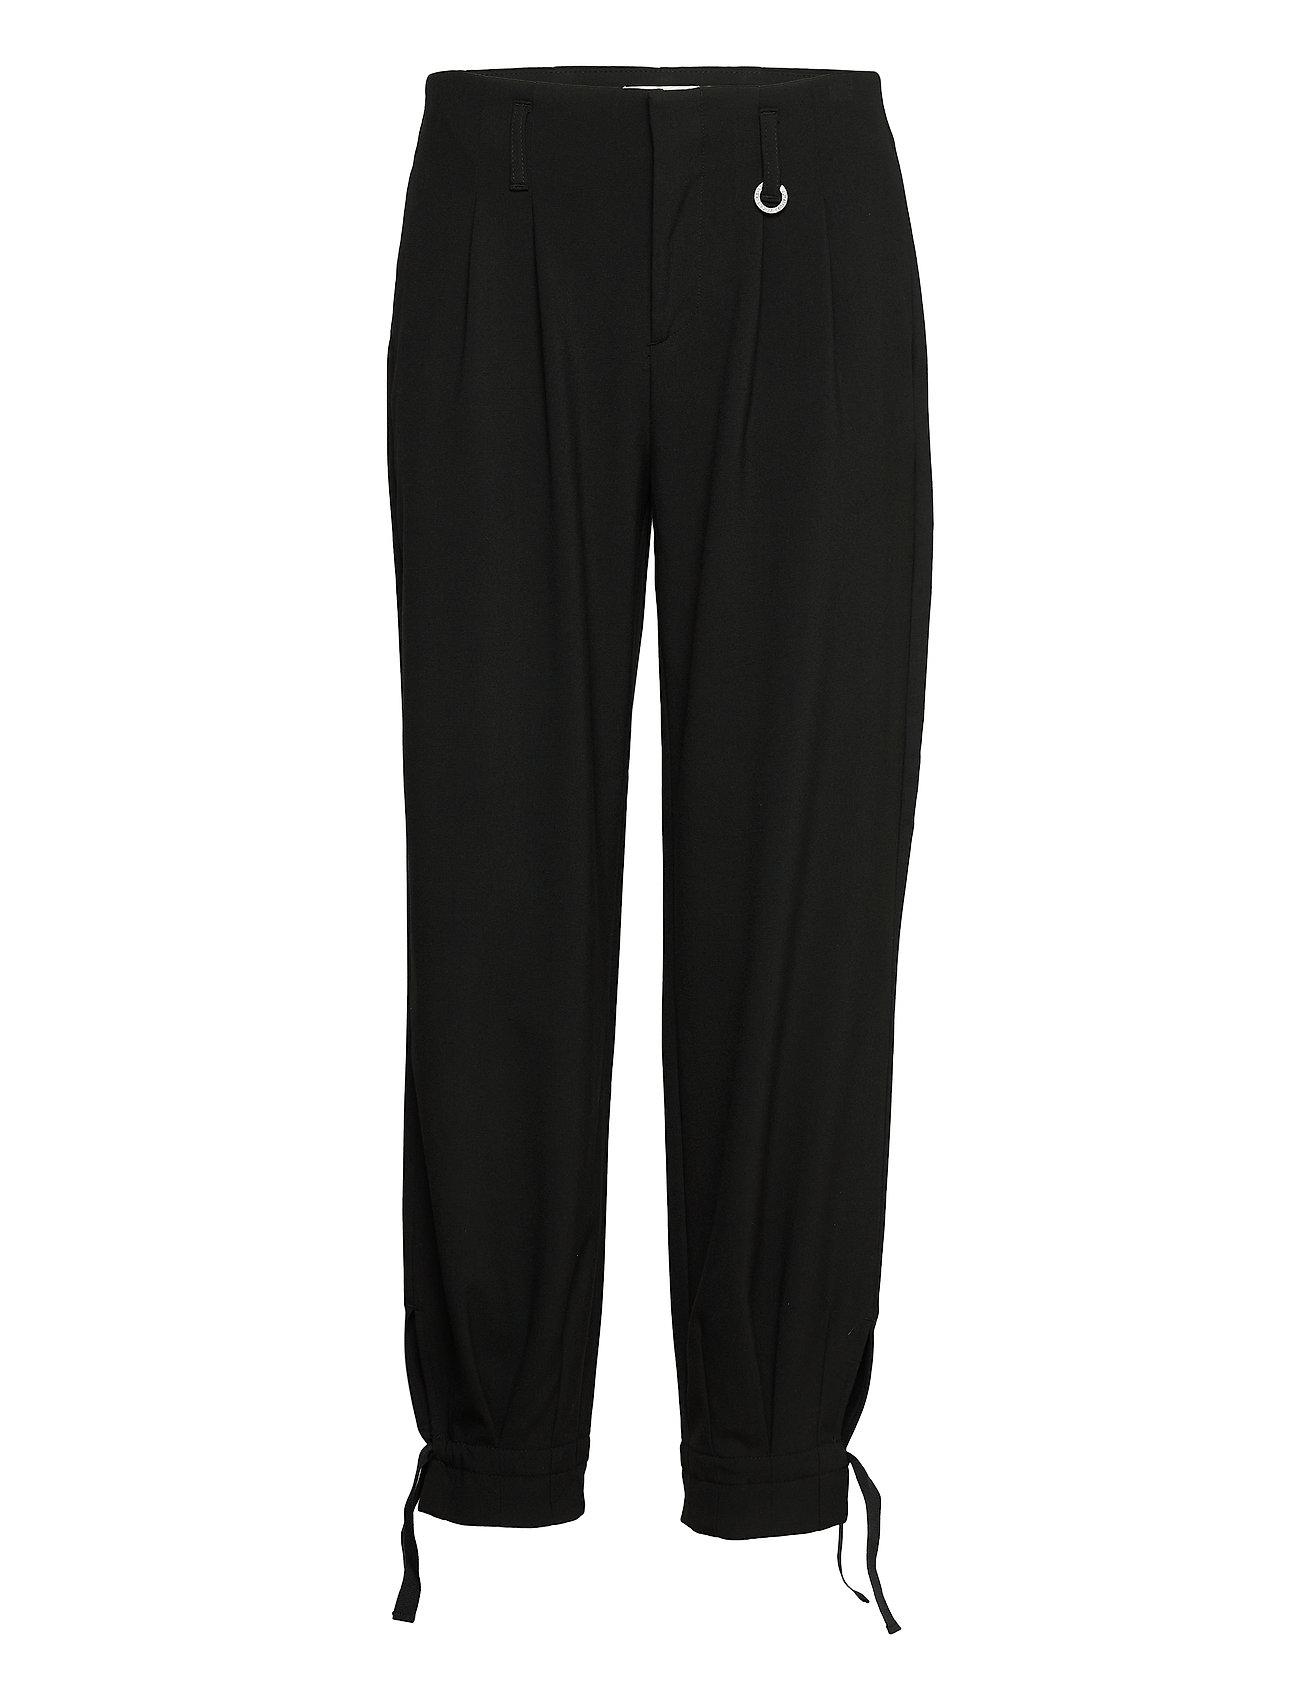 Image of Pzadriana Pant Premium Quality Bukser Med Lige Ben Sort Pulz Jeans (3444844999)